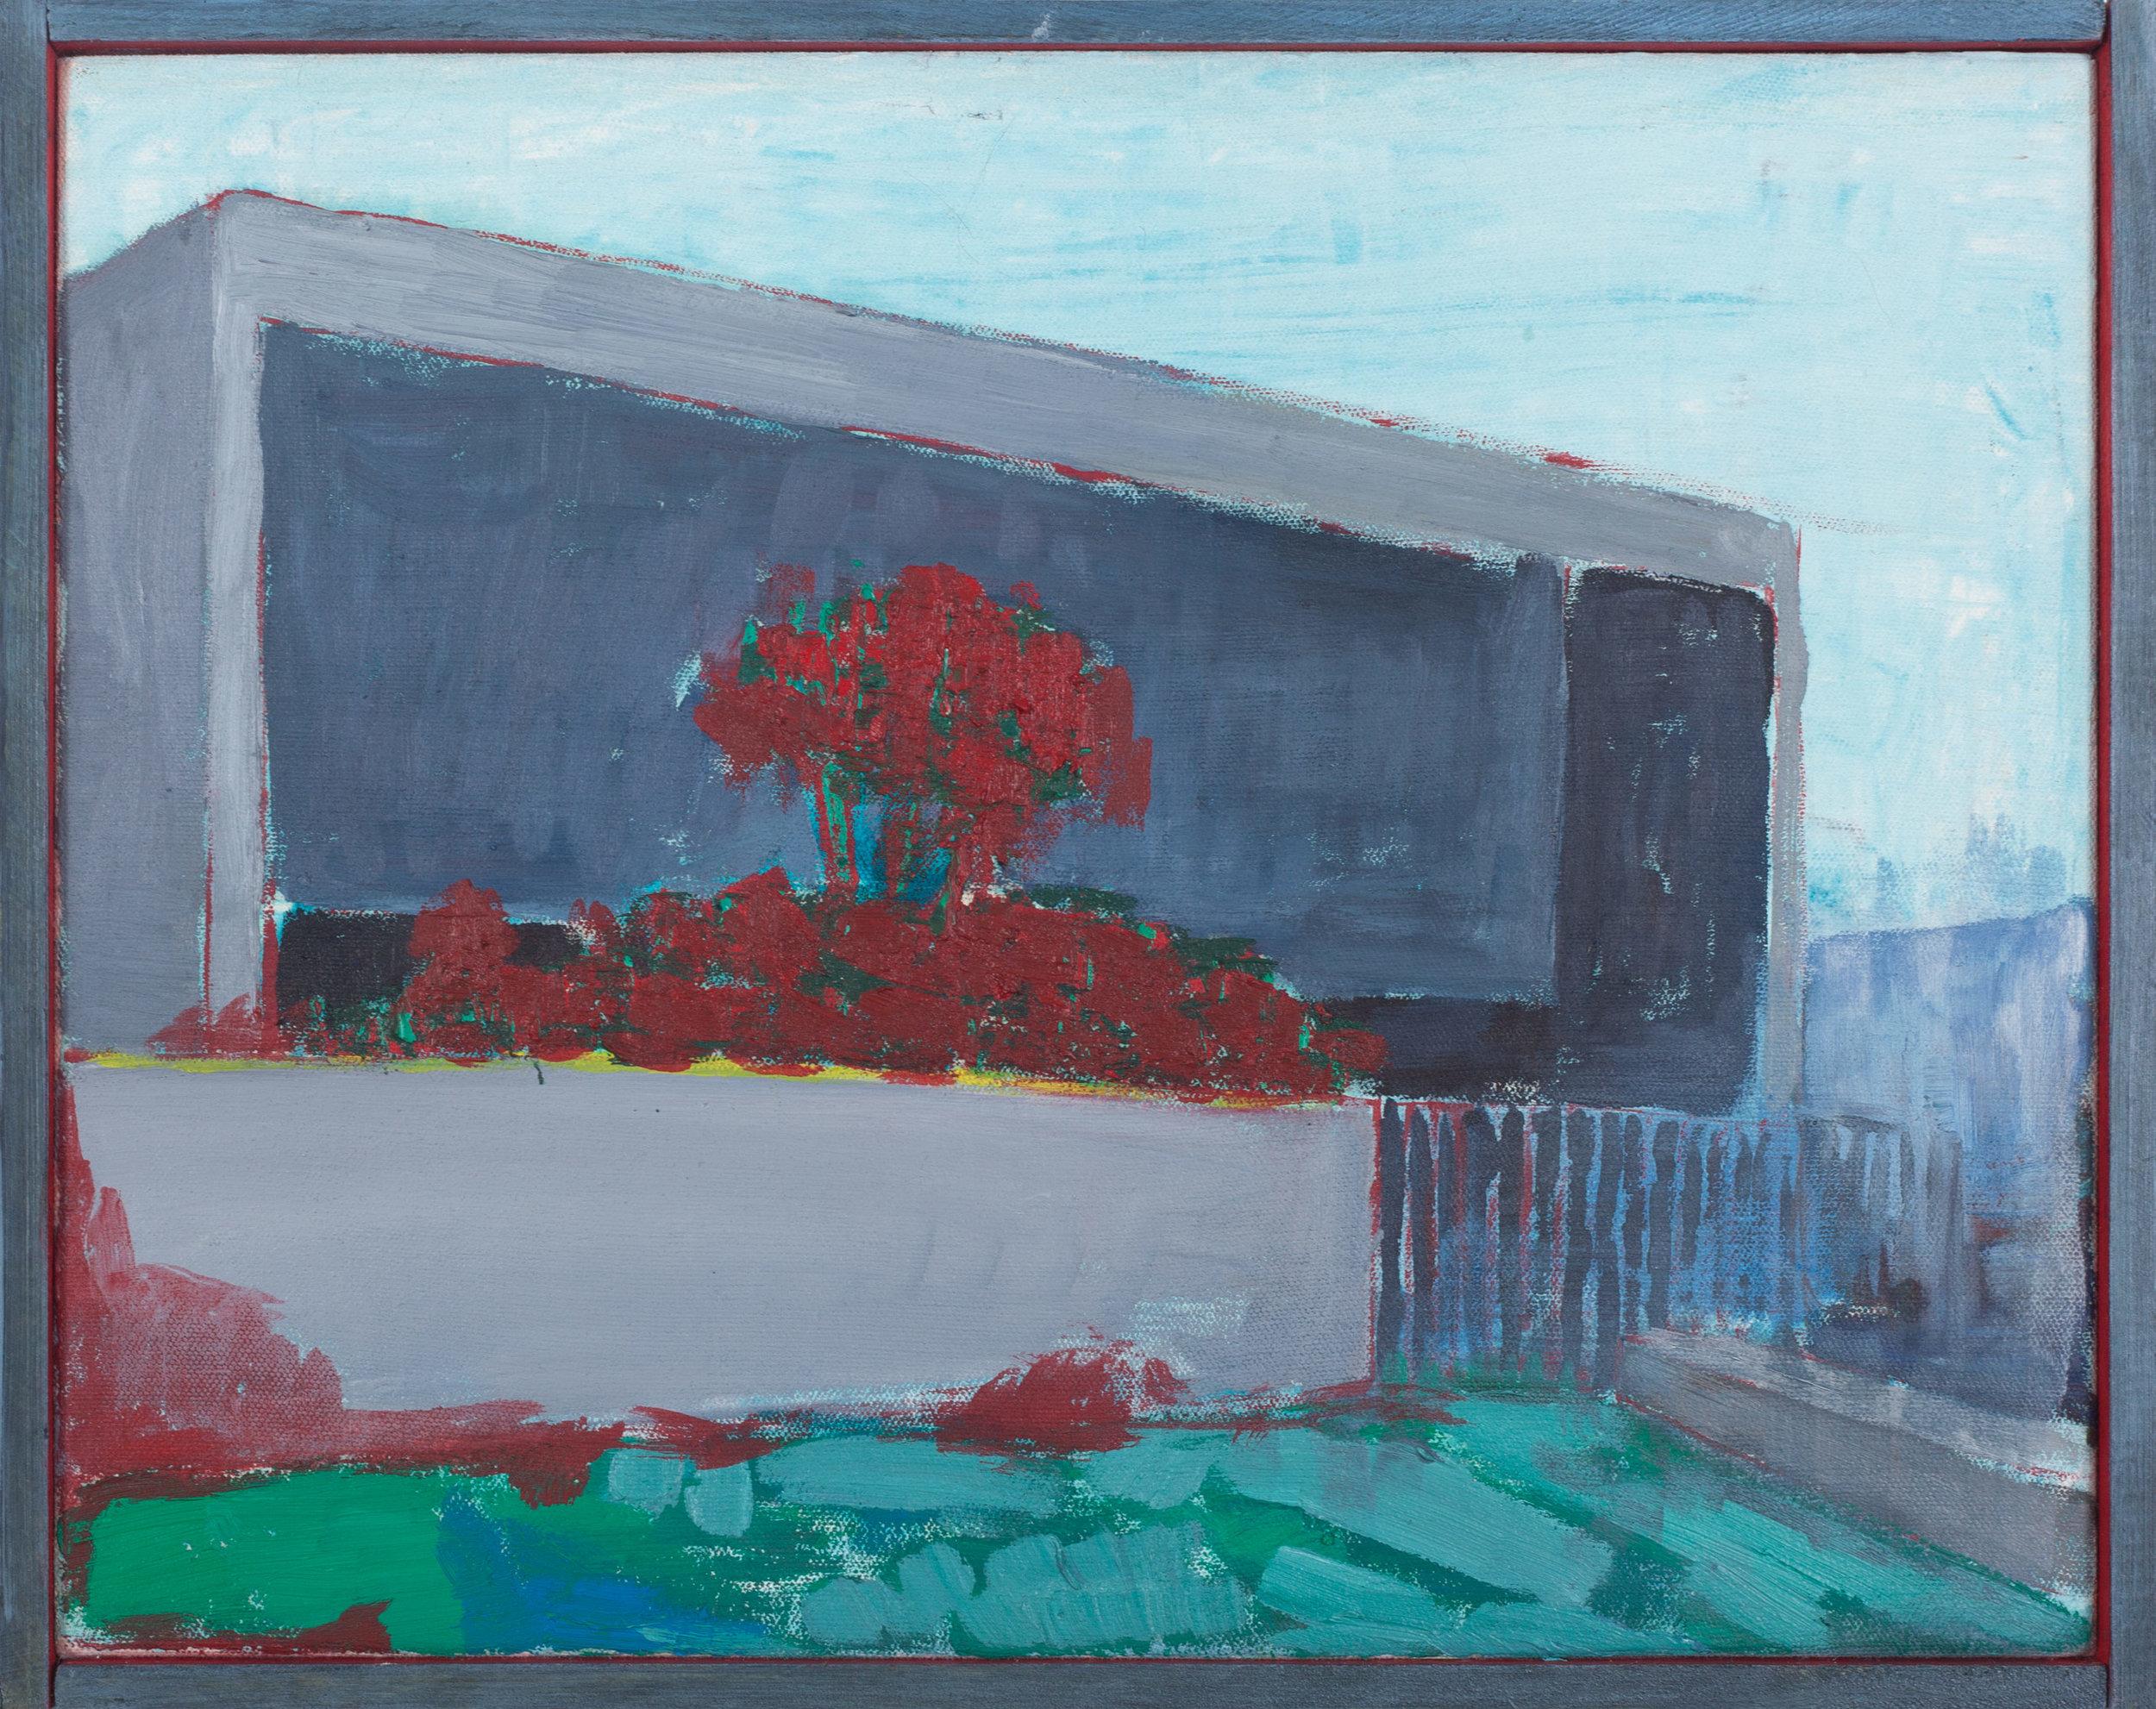 Vivienda privada 1968  , 2016, óleo sobre tela, 26 x 33 cm.